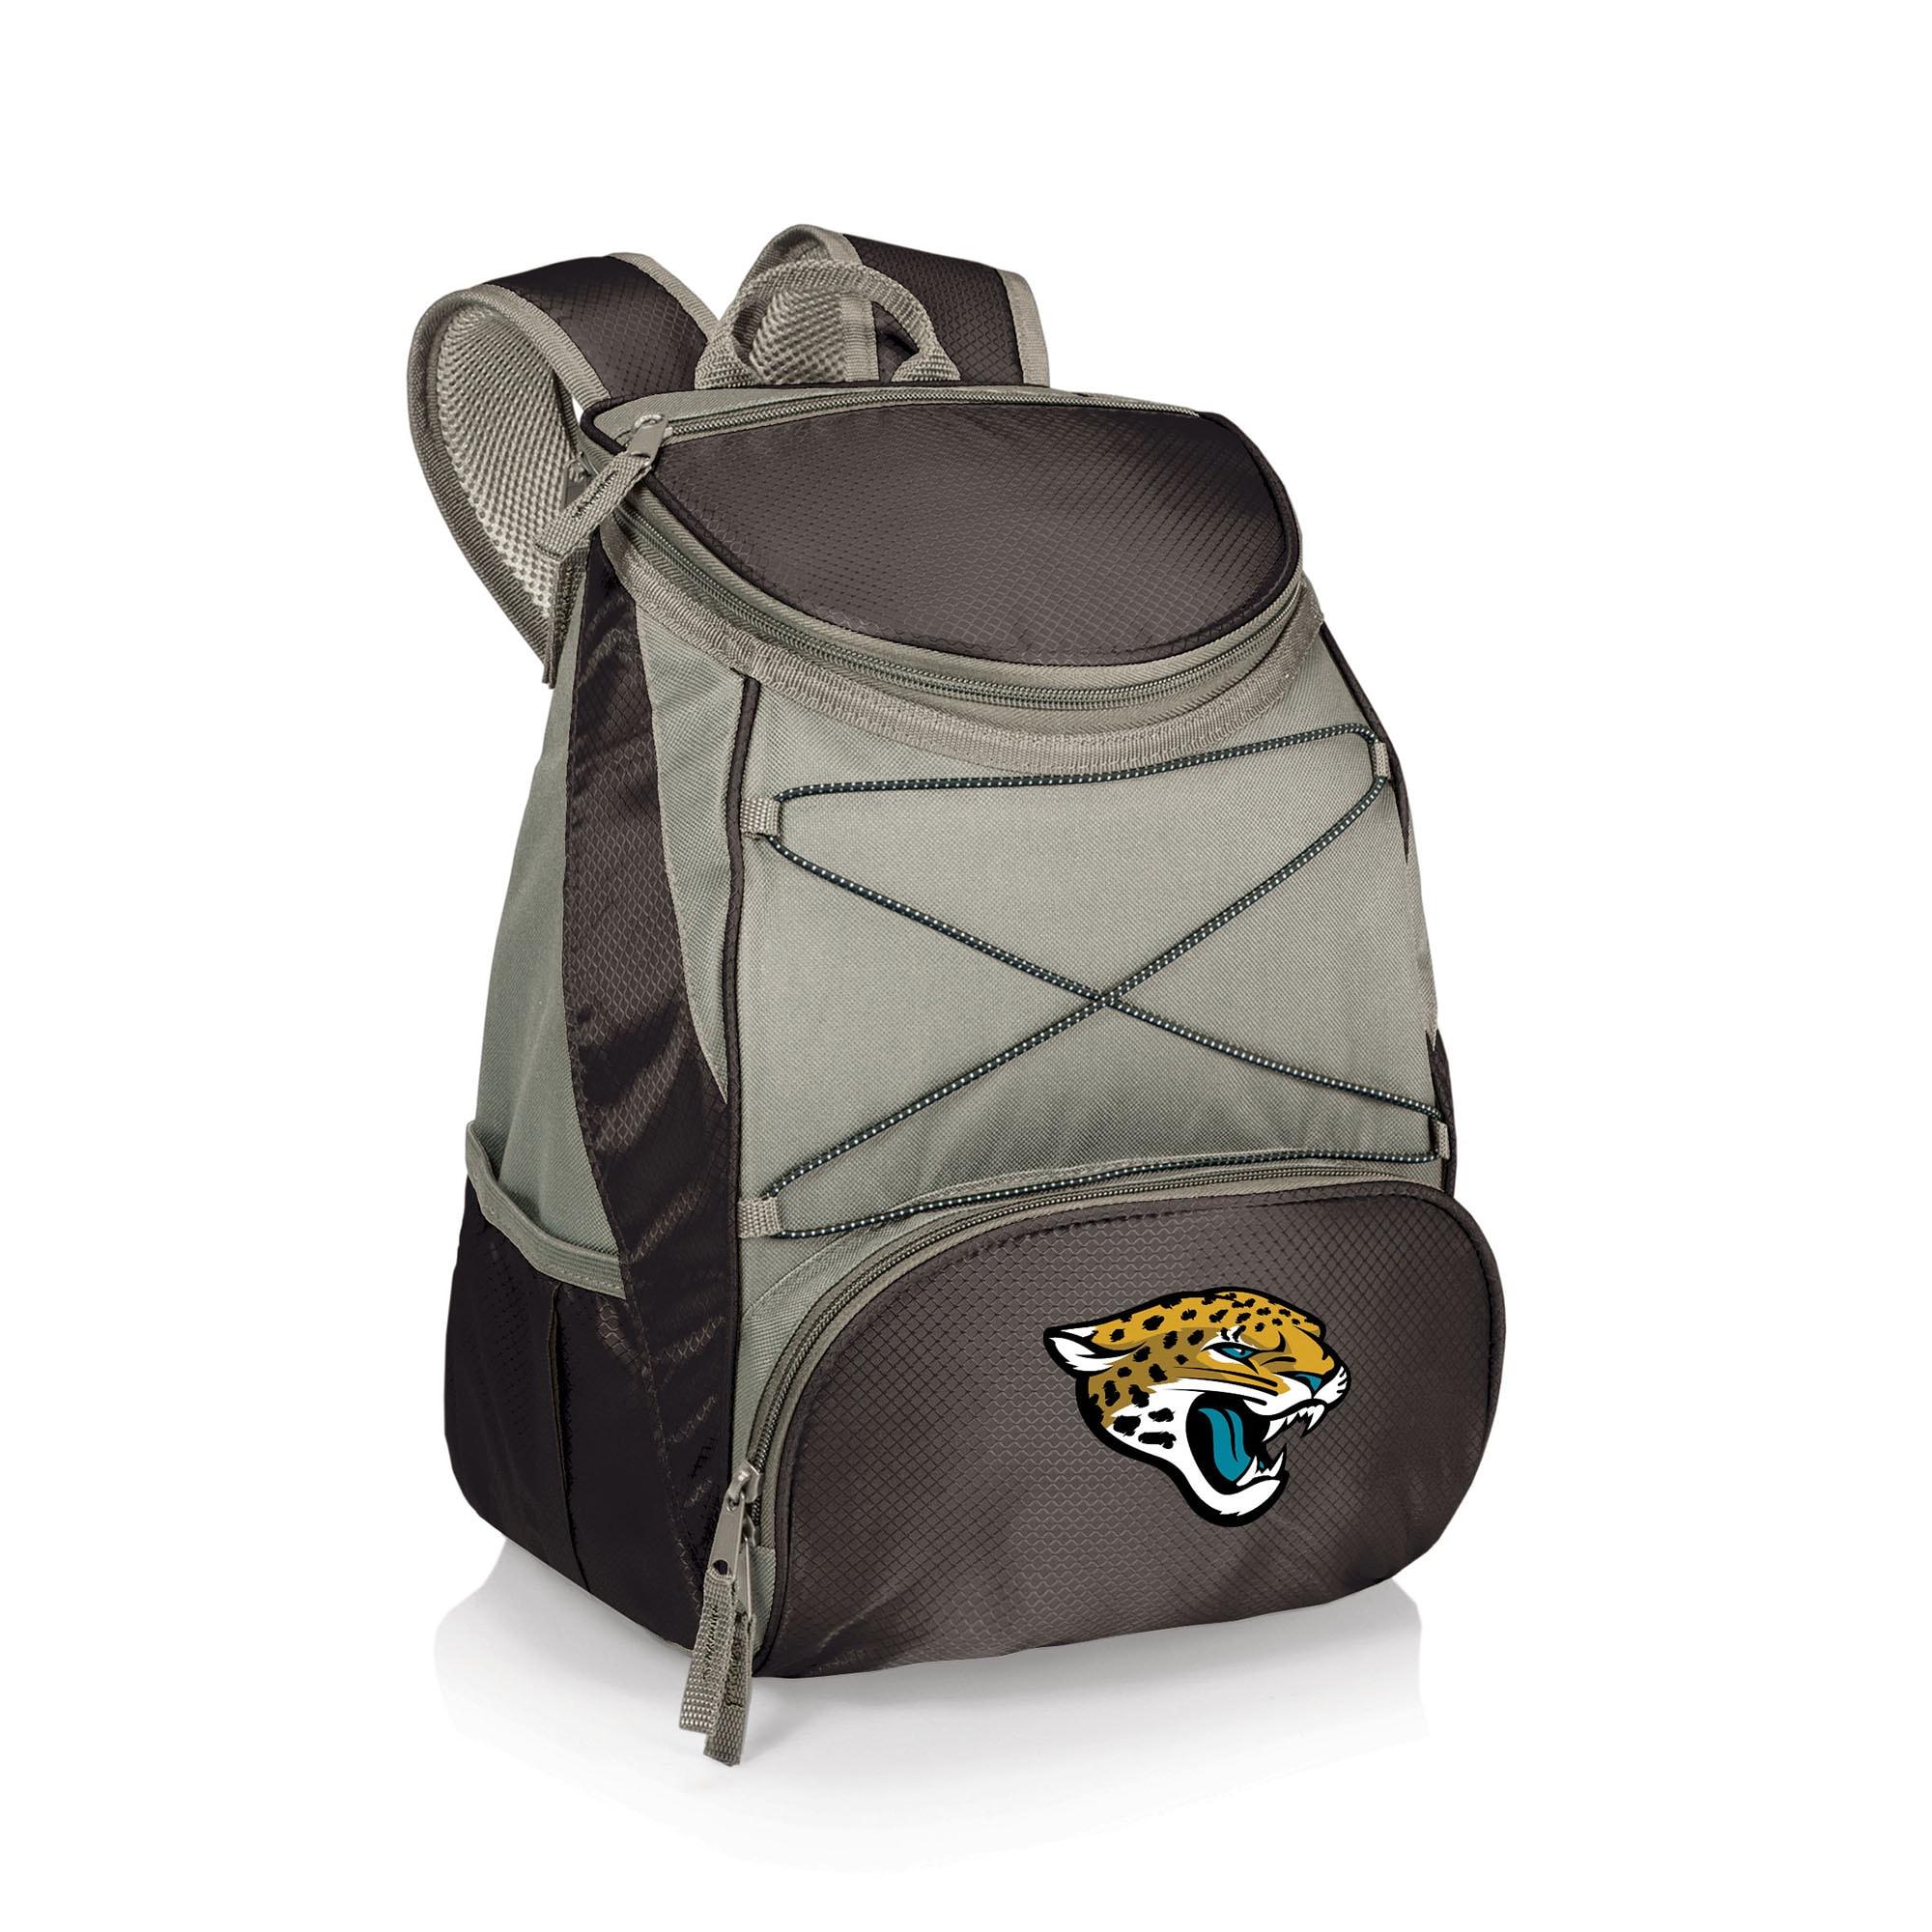 Jacksonville Jaguars PTX Backpack Cooler - Black